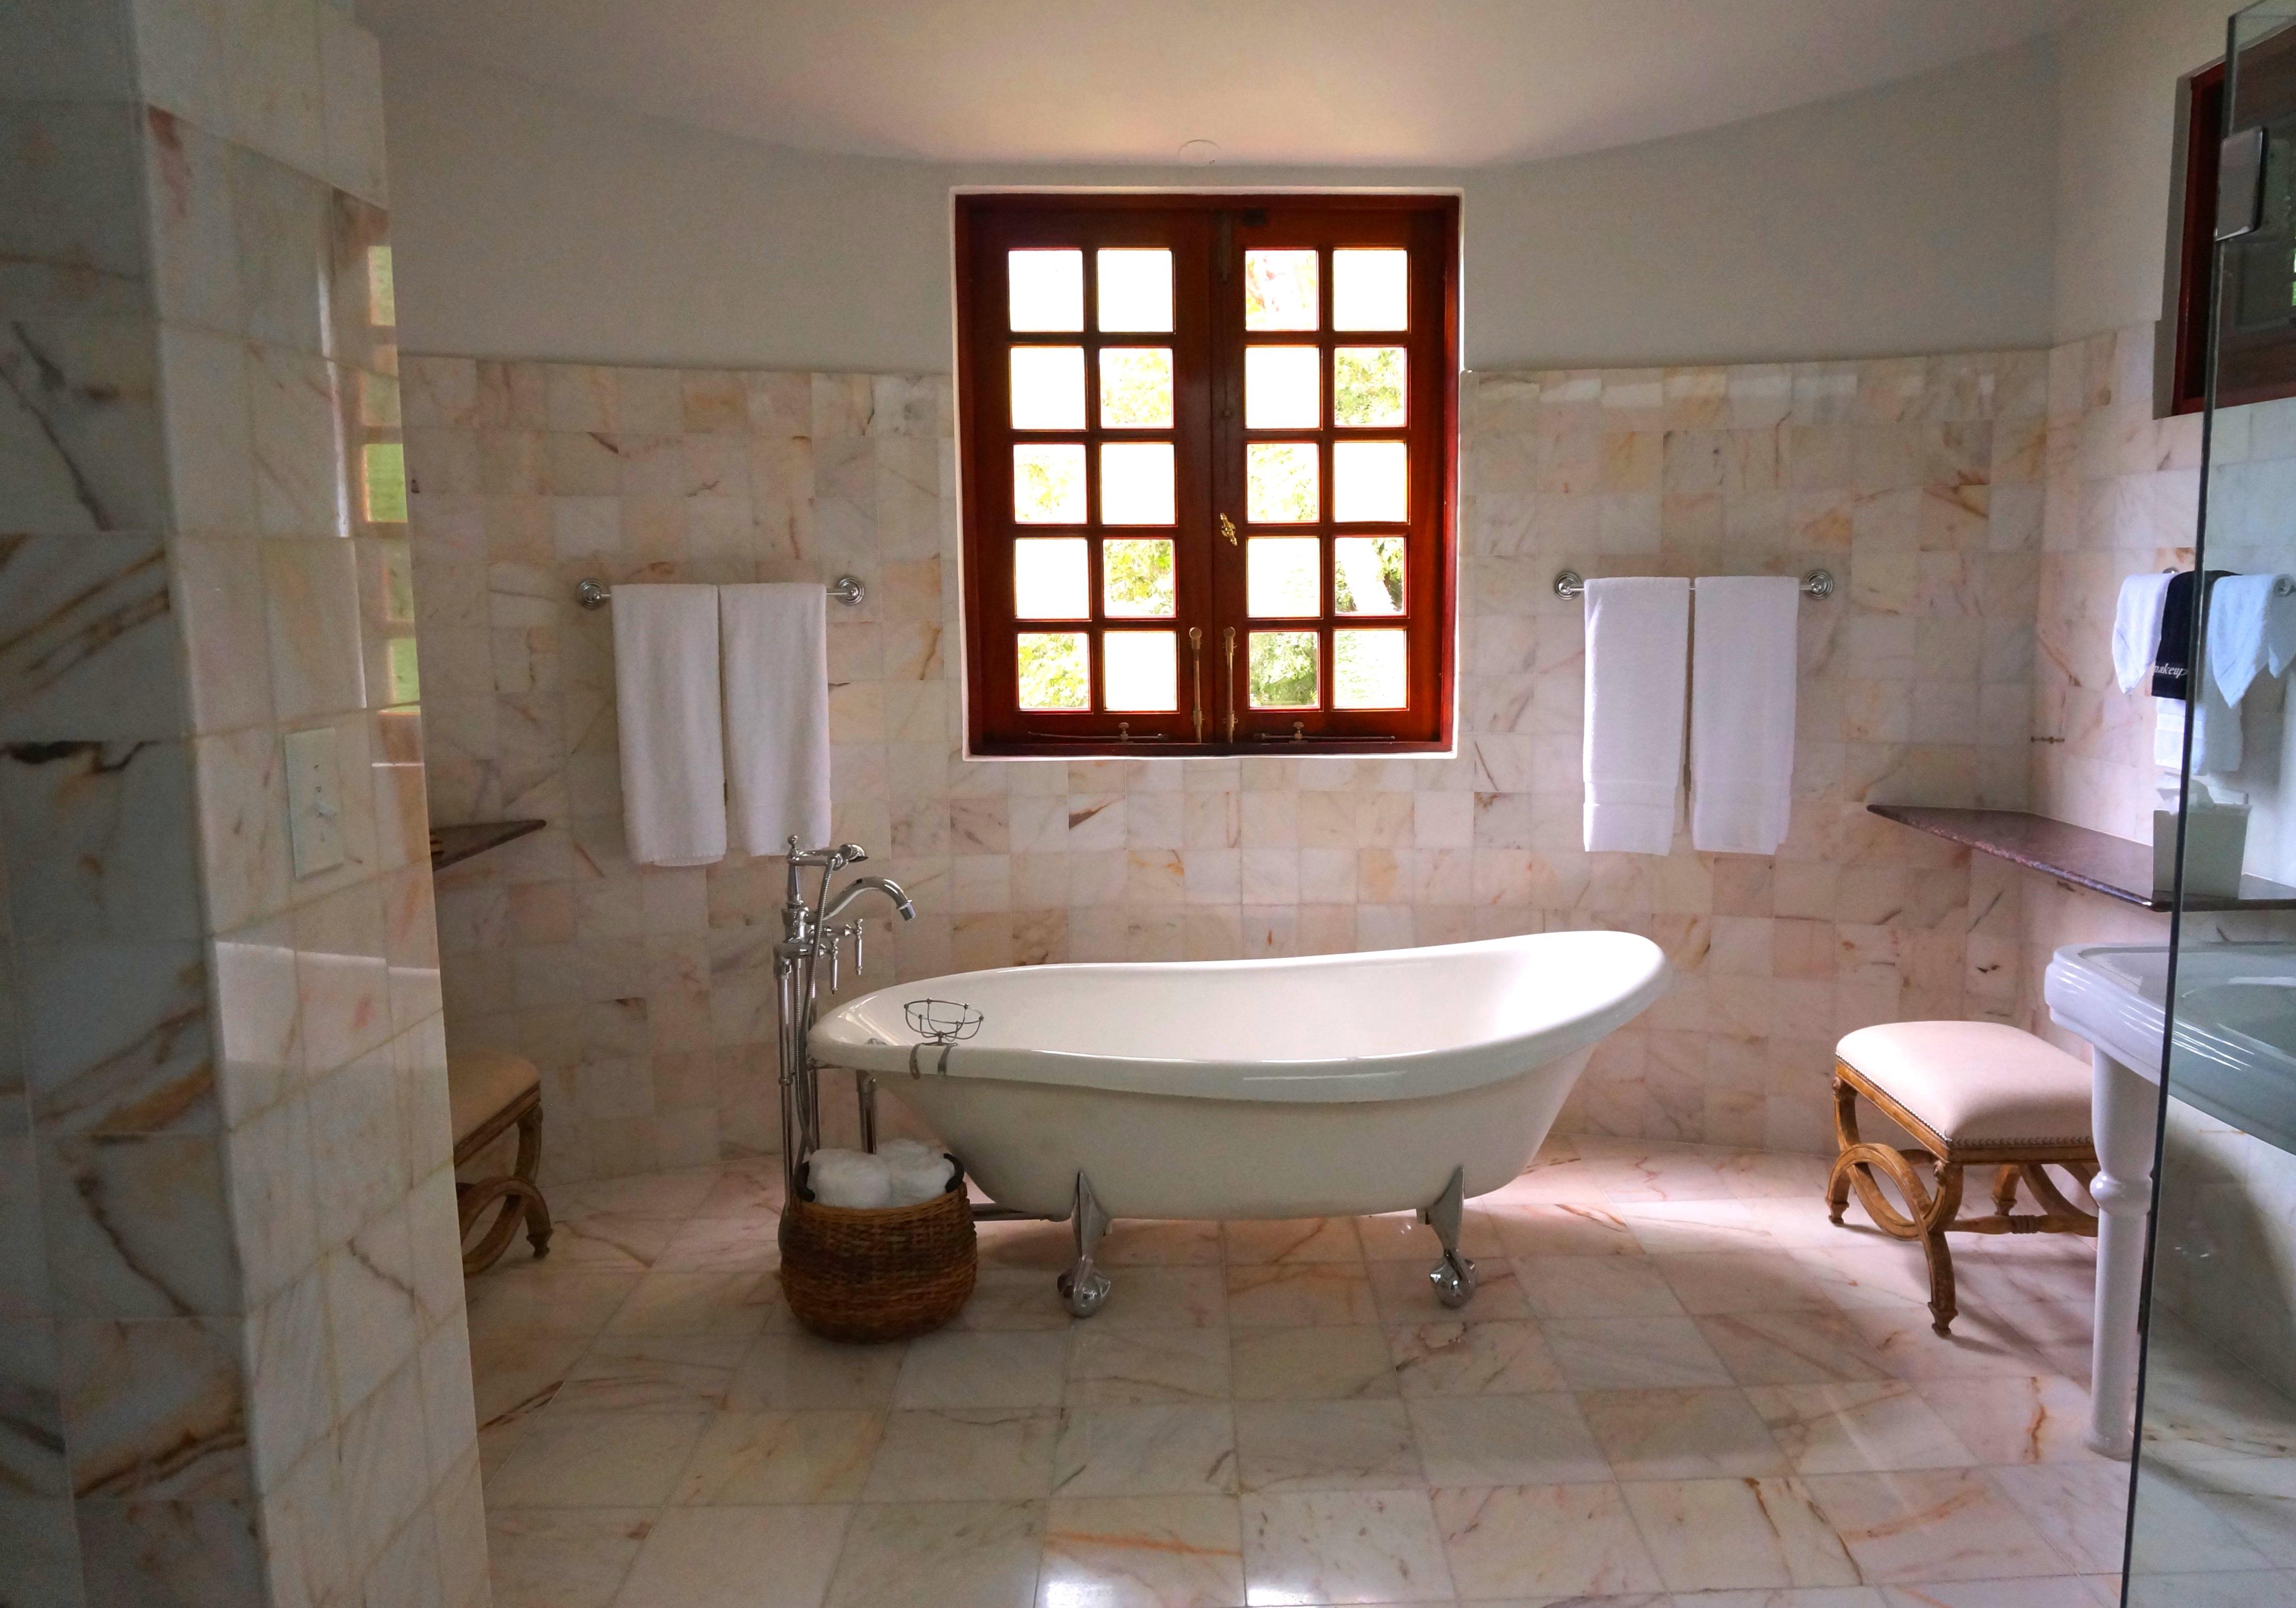 Salle De Bain Provencale une déco provençale qui fleure bon la lavande ! - maison